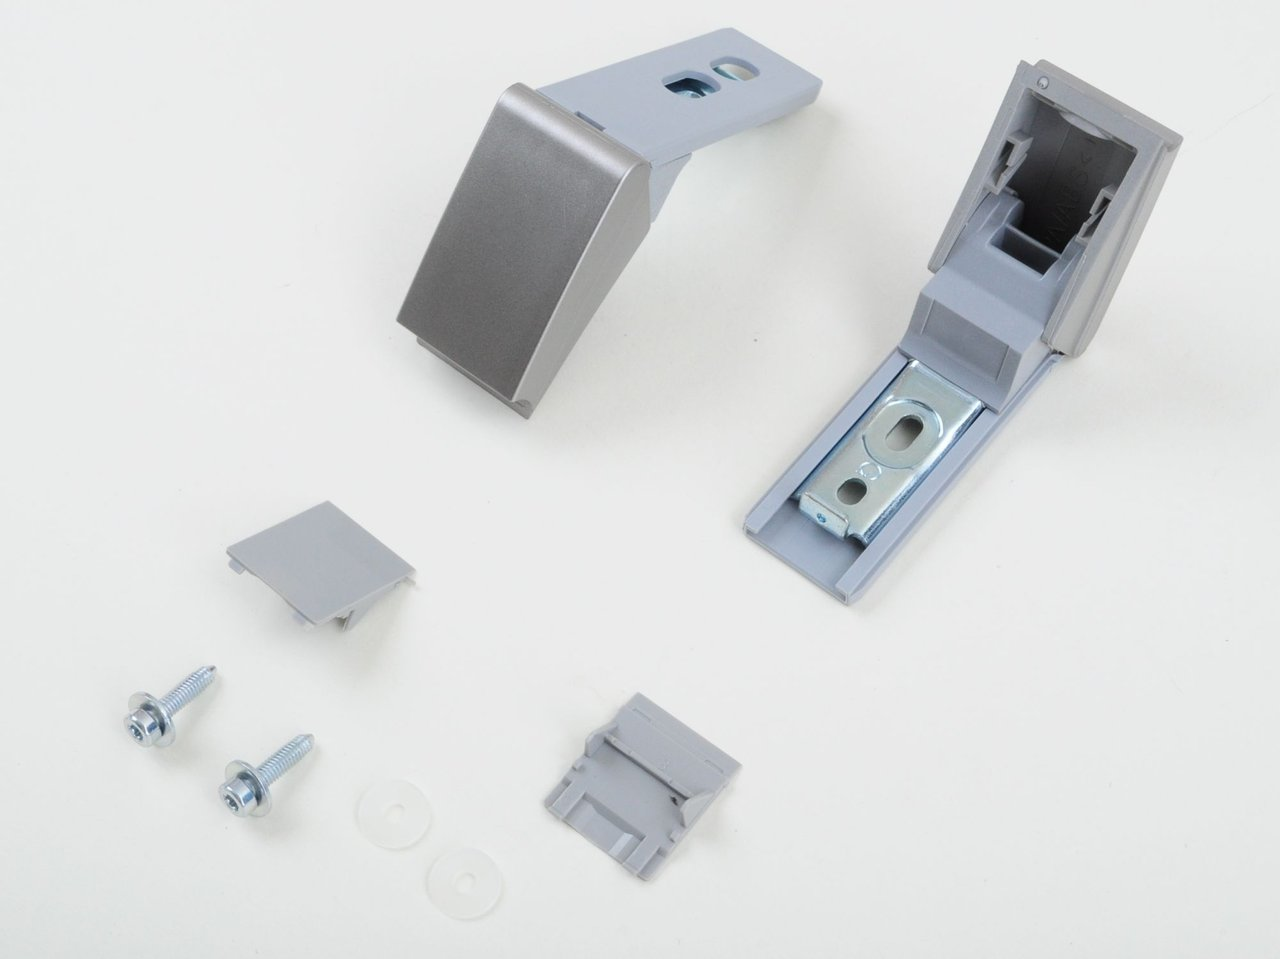 Kühlschrank Zubehör Glasplatte : Liebherr türgriff scharnier kühlschrank original rep set